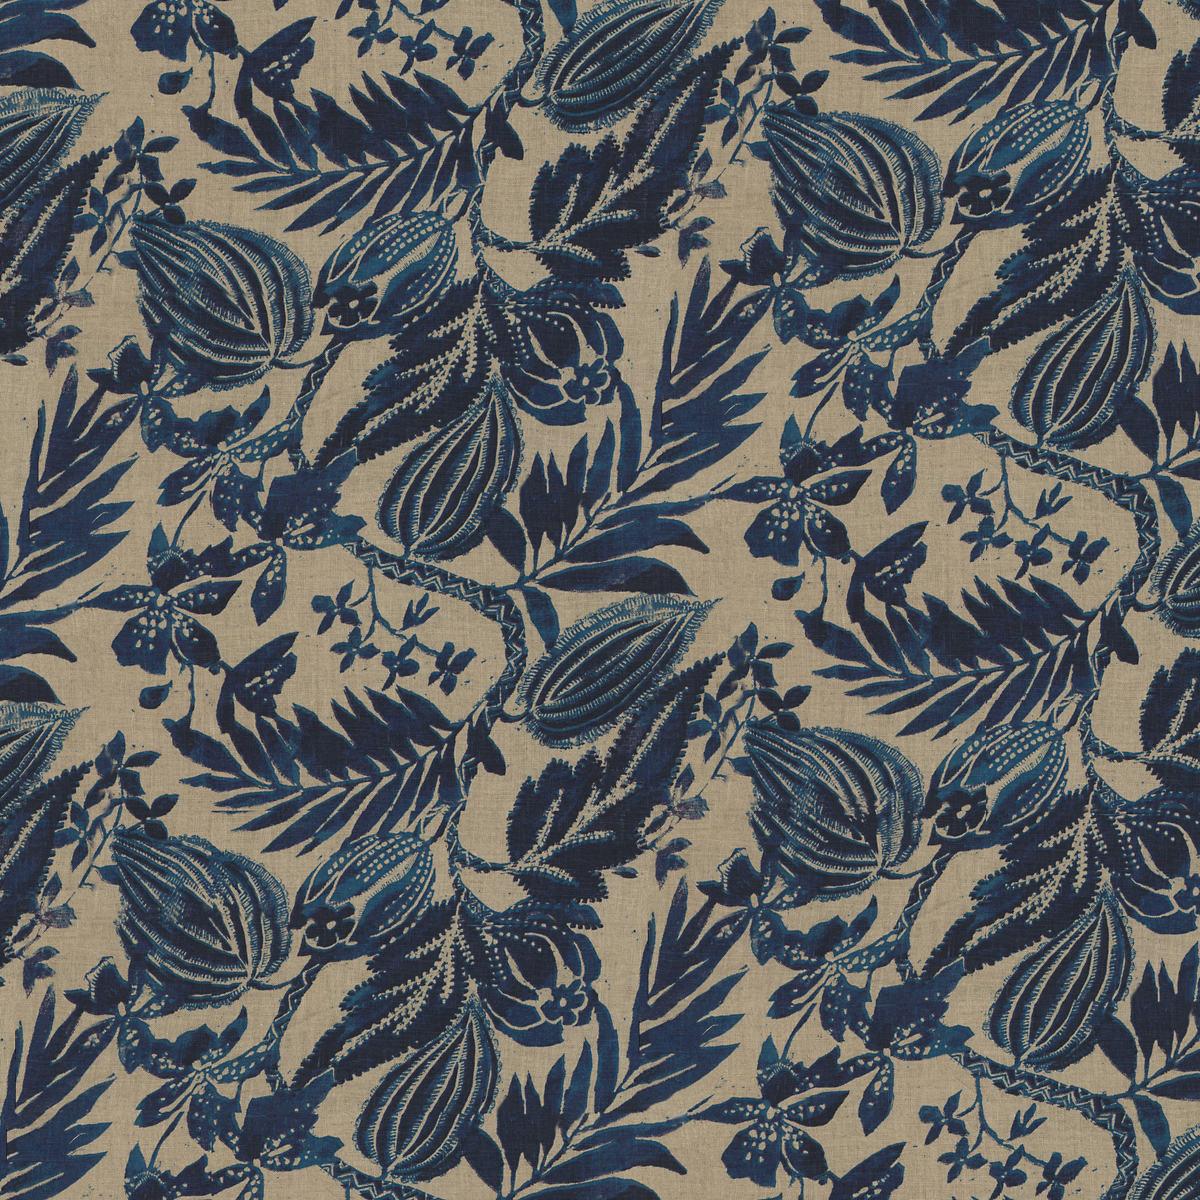 Antigua Fabric